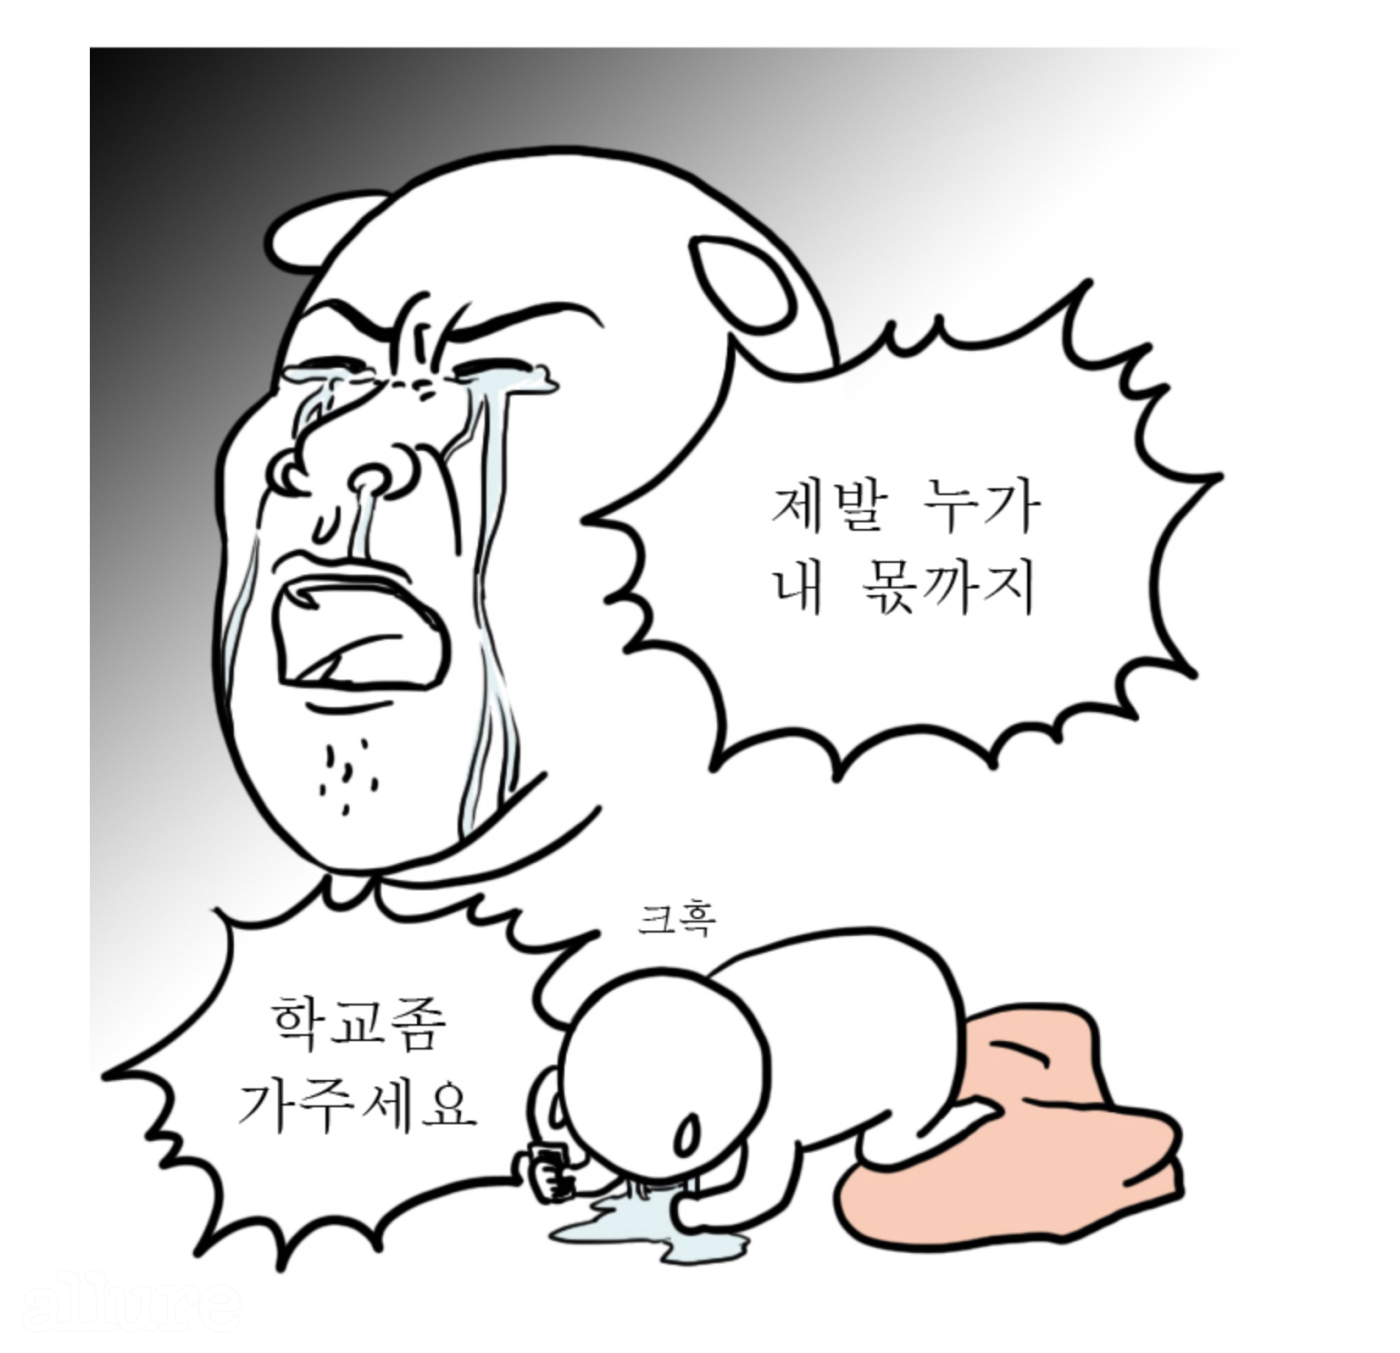 2_대학일기-1